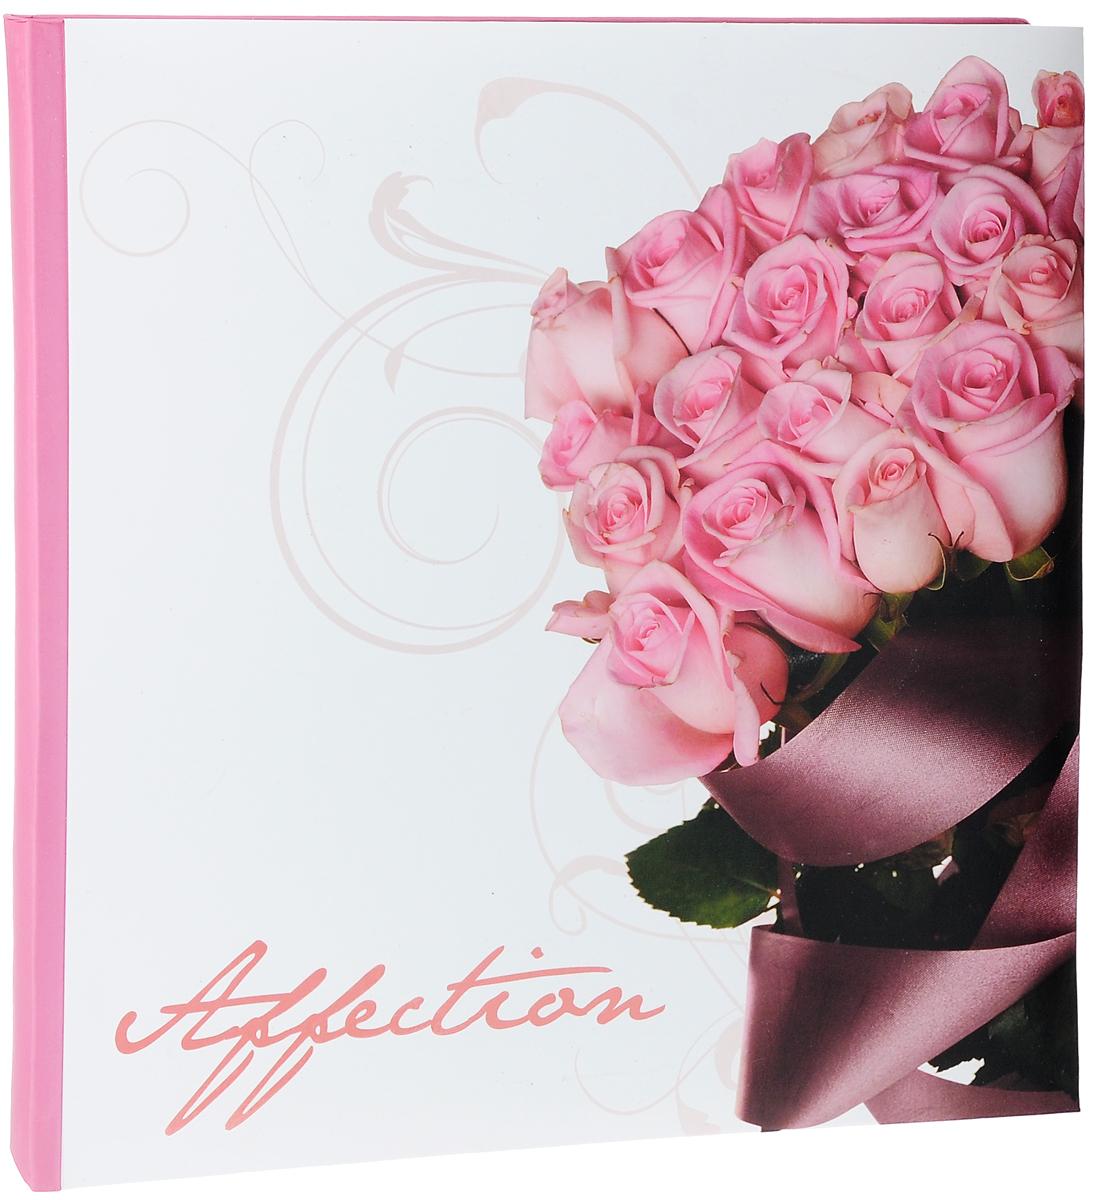 Фотоальбом Pioneer Romantic flower, 40 магнитных страниц, 31,5 х 31,7 см7686 156VФотоальбом Pioneer Romantic flower сохранит моменты ваших счастливых мгновений на своих страницах. Обложка выполнена из плотного картона и оформлена красочным рисунком и надписью. Переплет книжный. Альбом имеет магнитные листы, изготовленные из картона с покрытием ПВХ-пленкой. Такие листы обладают следующими преимуществами: - Не нужно прикладывать усилий для закрепления фотографий, - Не нужно заботиться о размерах фотографий, так как вы можете вставить в альбом фотографии разных размеров, - Защита фотографий от постоянных прикосновений зрителей с помощью пленки ПВХ.Нам всегда так приятно вспоминать о самых счастливых моментах жизни, запечатленных на фотографиях. Поэтому фотоальбом является универсальным подарком к любому празднику. вашим родным, близким и просто знакомым будет приятно помещать фотографии в этот альбом.Количество листов: 40 шт.Размер листа: 31,5 х 31,7 см.